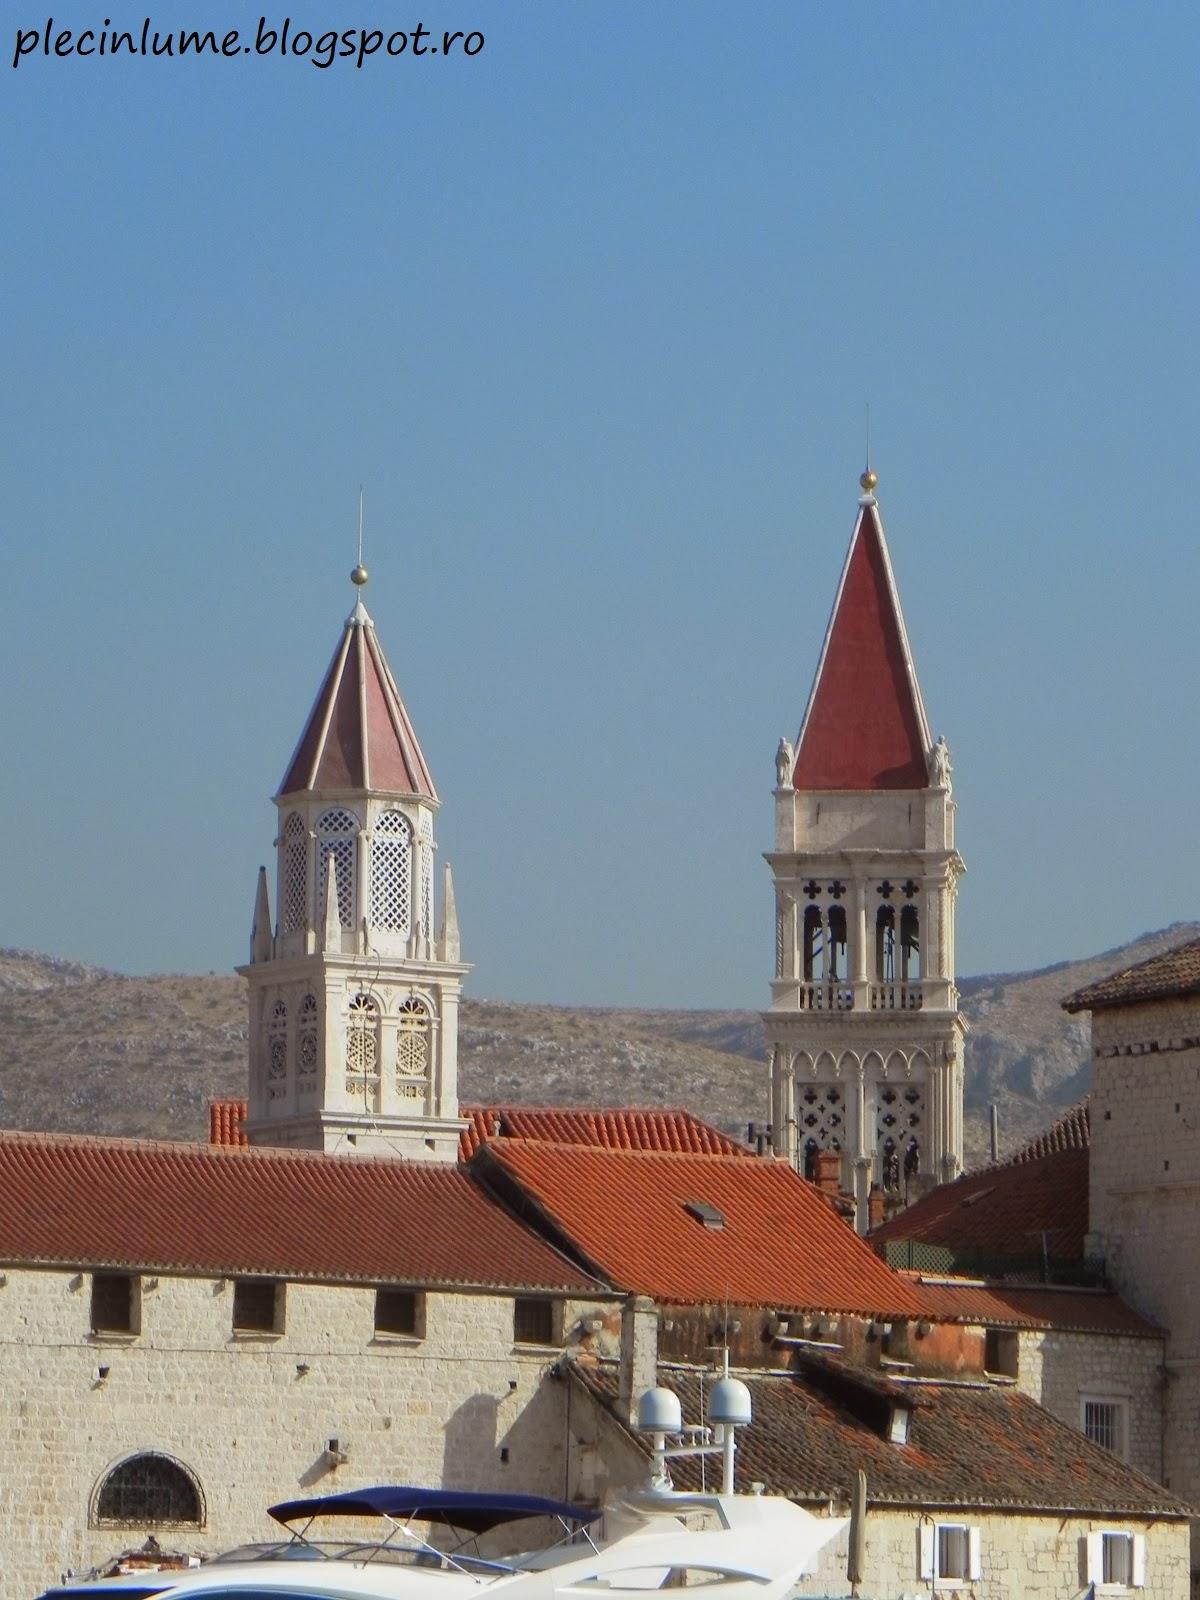 Biserica in Trogir, Croatia